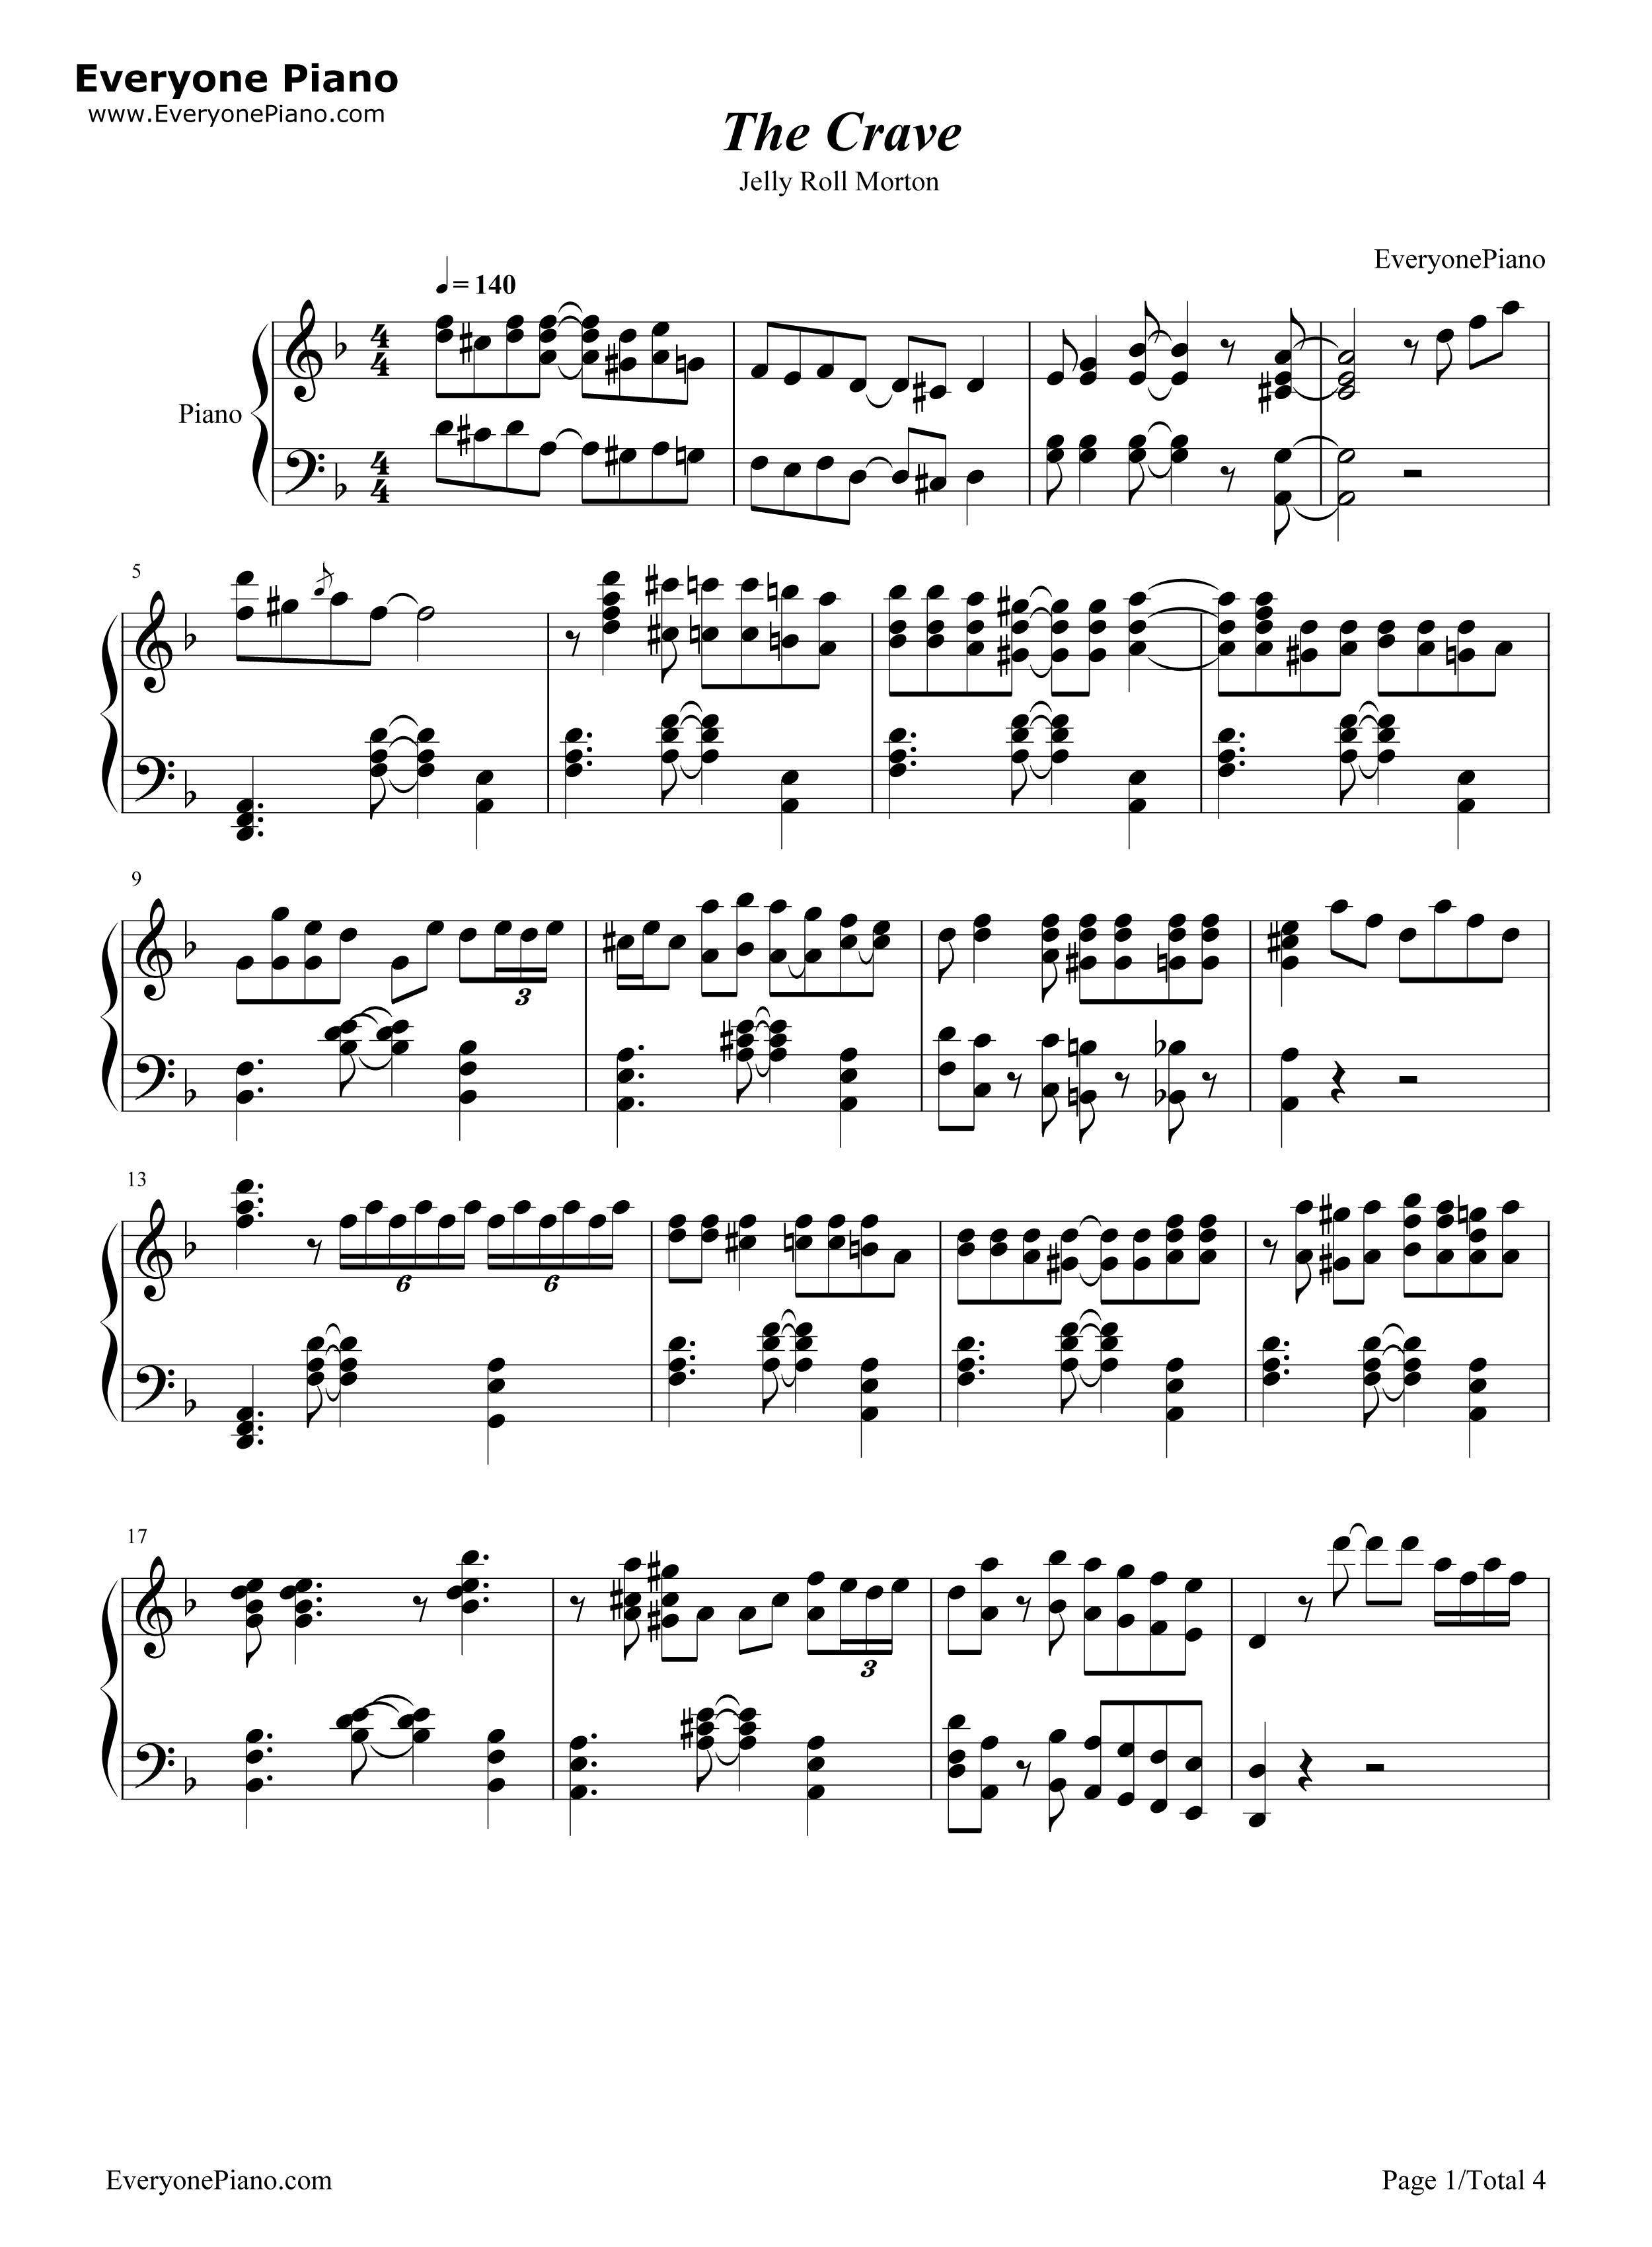 钢琴曲谱 经典 the crave-海上钢琴师插曲爵士版 the crave-海上钢琴